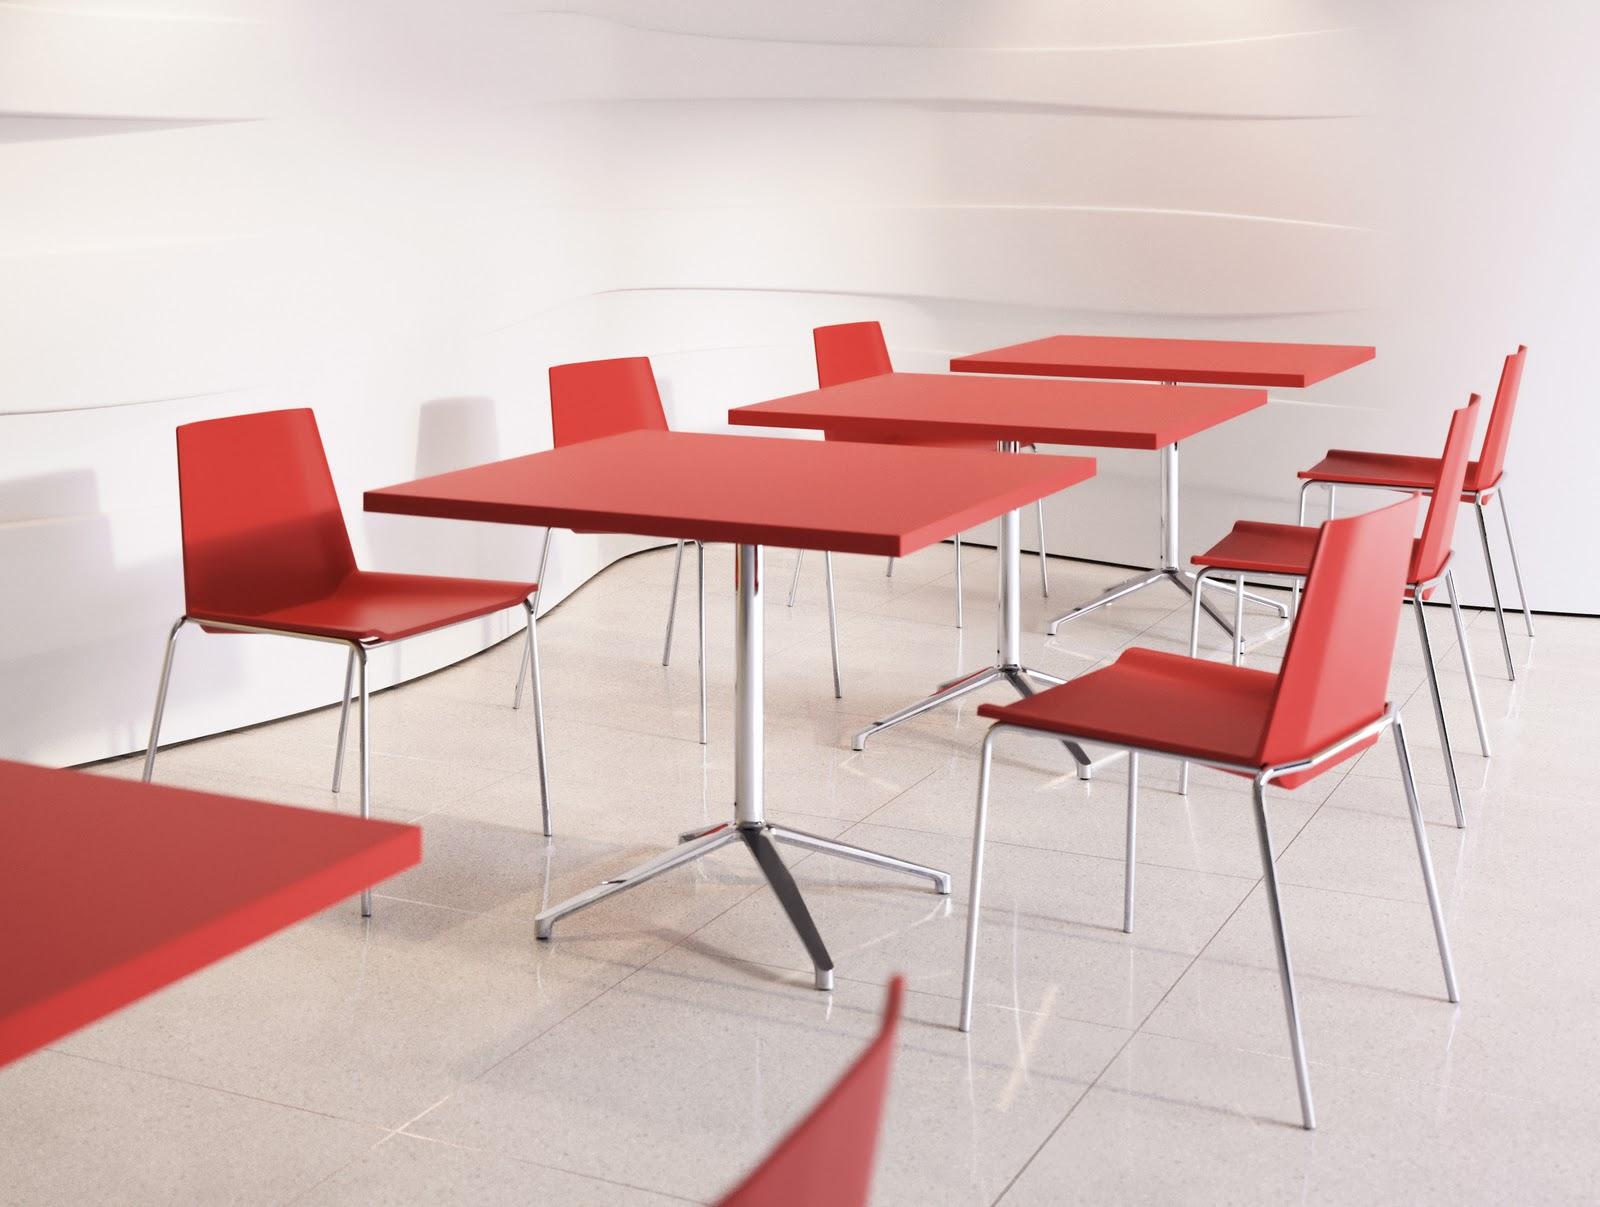 Peachy K E R W I N 2011 Bralicious Painted Fabric Chair Ideas Braliciousco